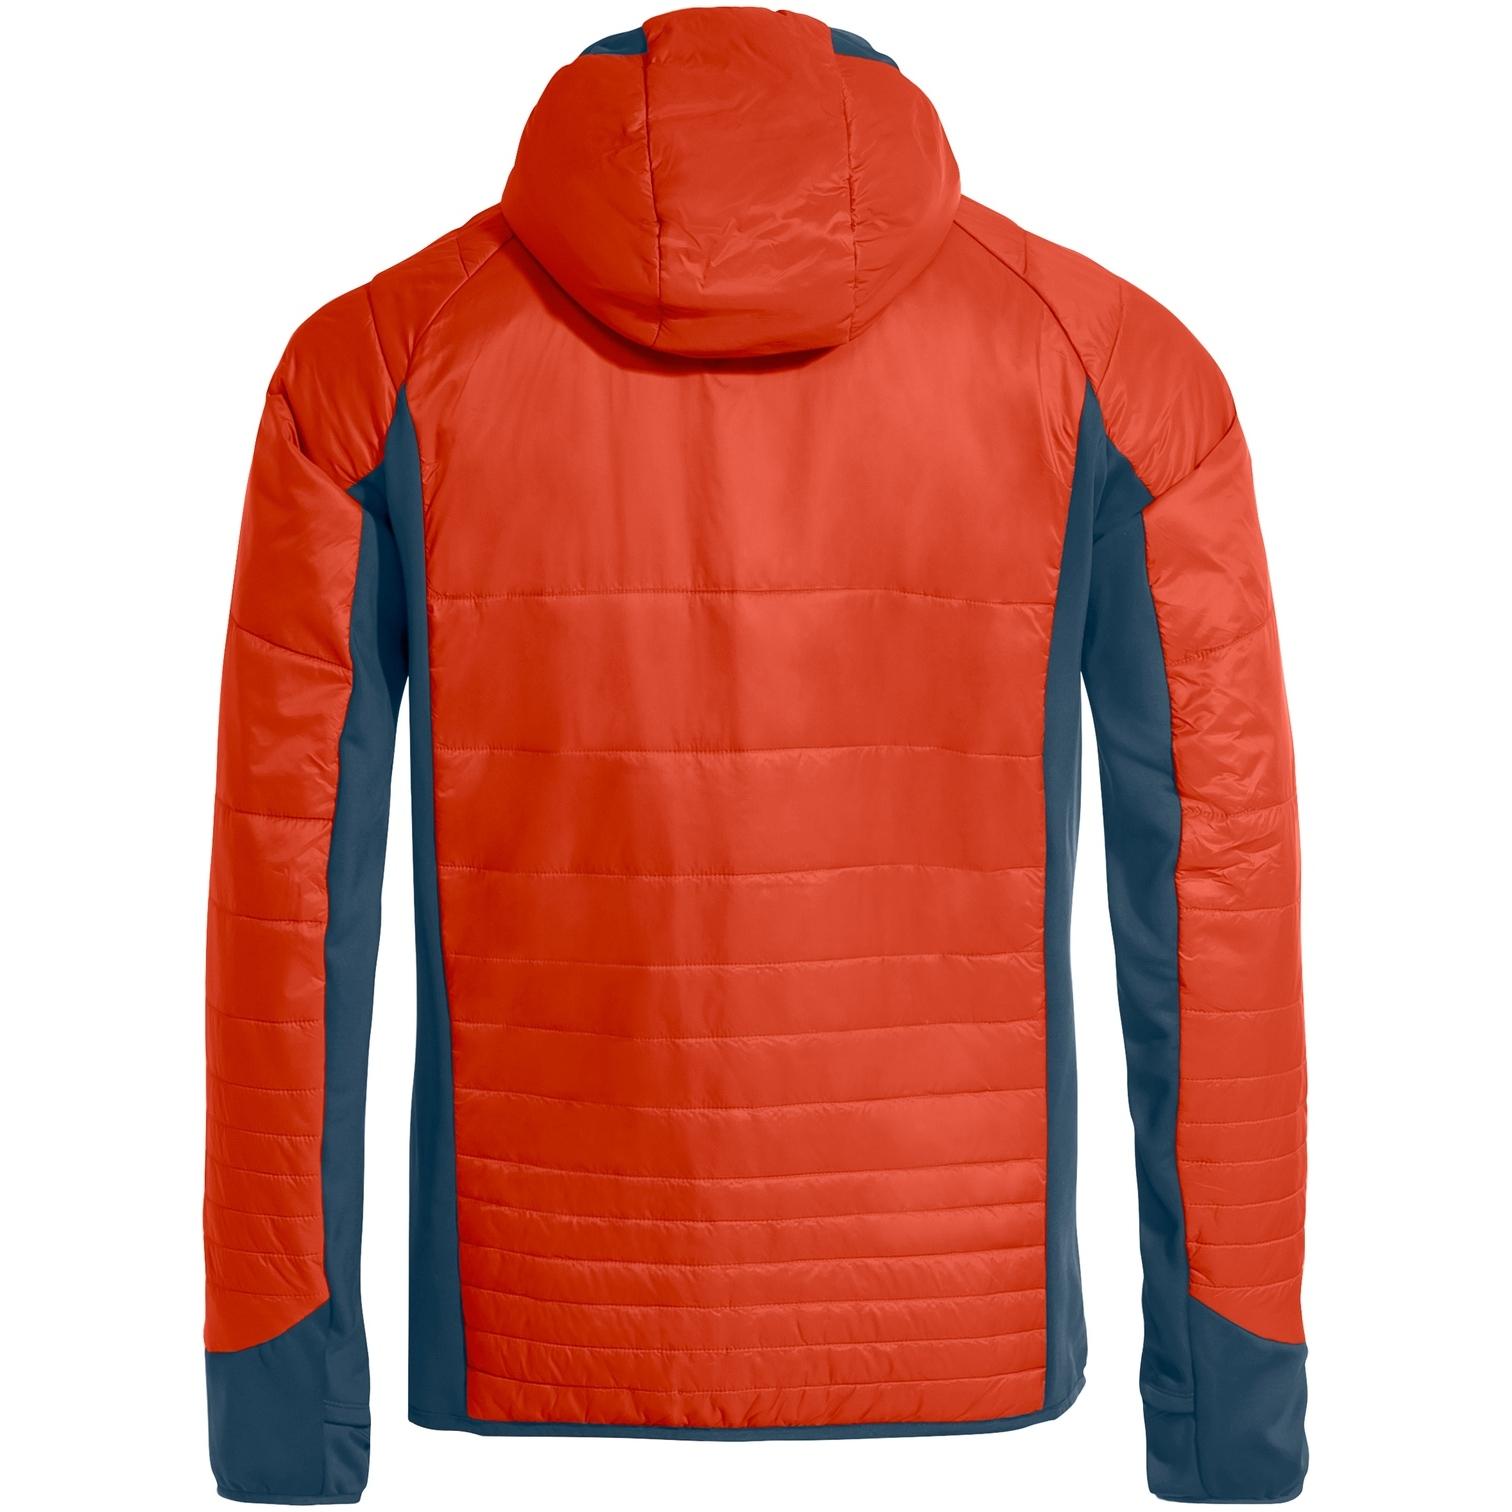 Image of Vaude Men's Sesvenna Jacket III - glowing red